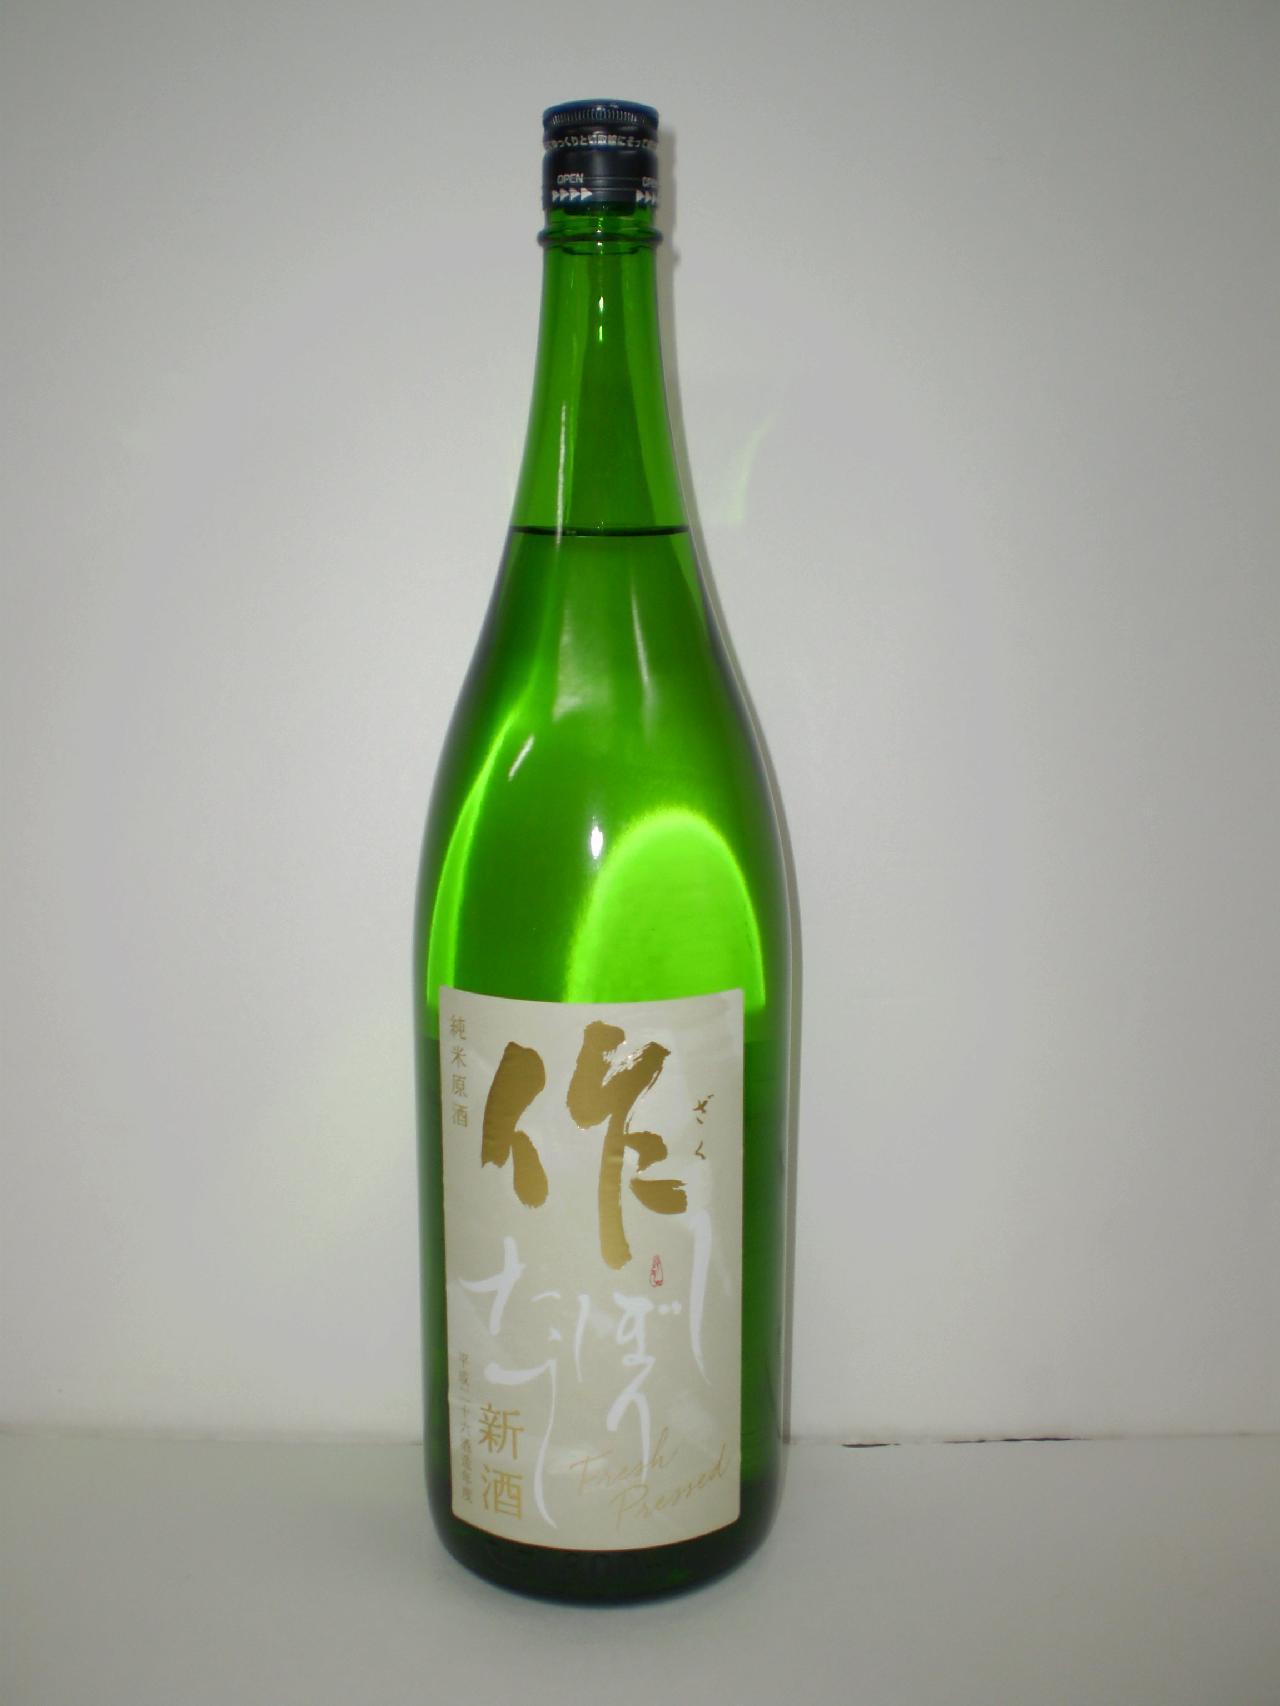 作 純米原酒しぼりたて 1800ml 清水清三郎商店